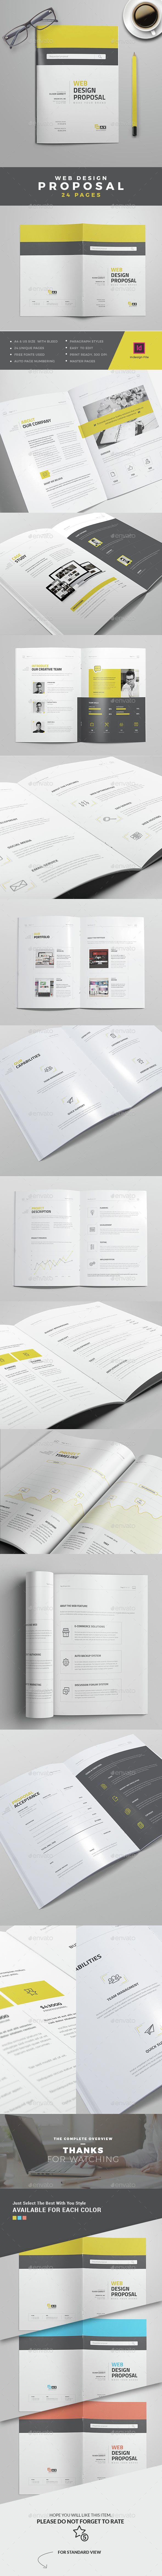 Web Design Proposal Template InDesign INDD. Download here: http://graphicriver.net/item/web-design-proposal/14929735?ref=ksioks